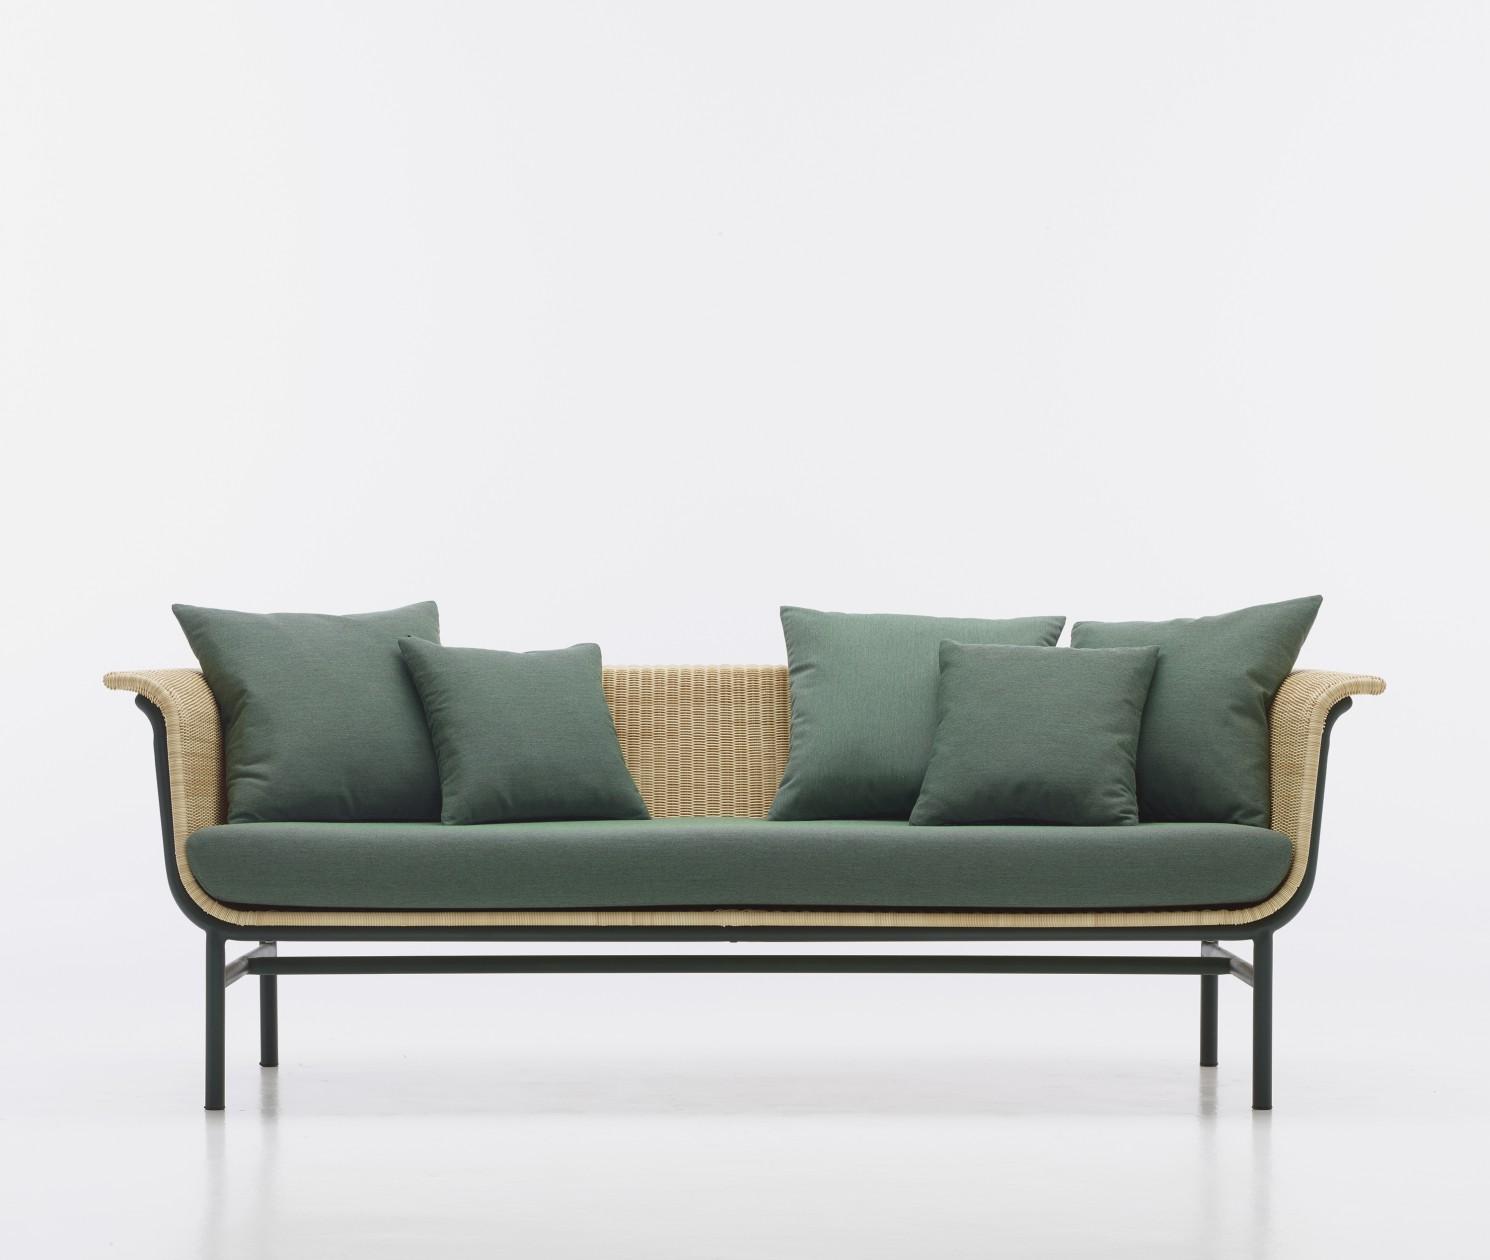 Wicked sofa leunstoelen alain gilles - Sofa van de hoek uitstekende ...